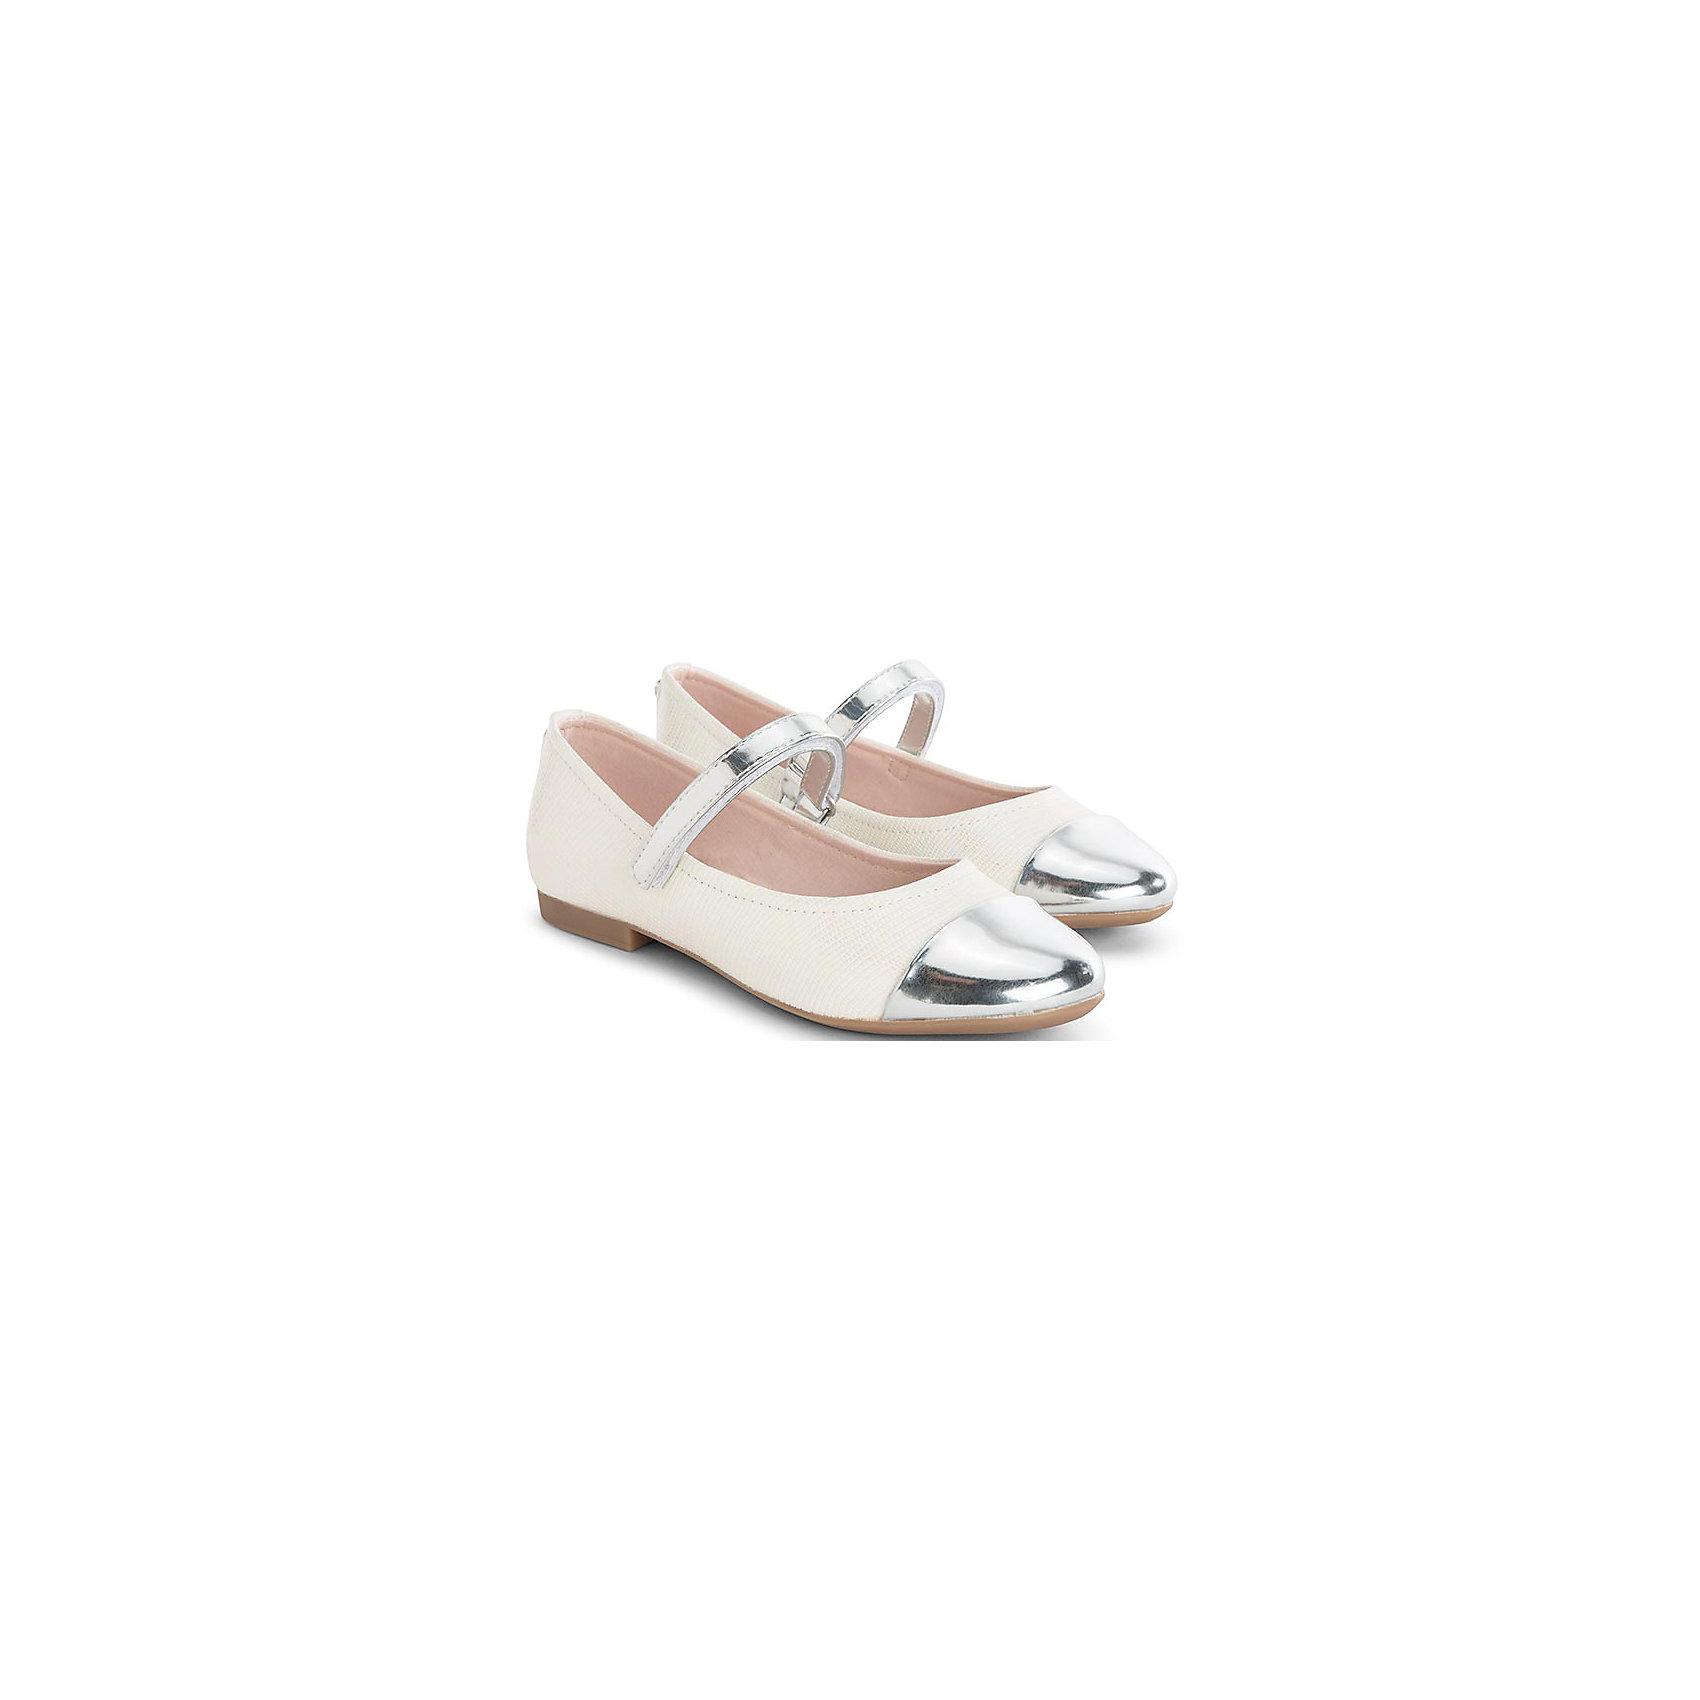 Туфли для девочки MayoralСтильные туфли от известной испанской марки Mayoral приведут в восторг всех юных модниц! <br><br>Дополнительная информация:<br><br>- Стильный дизайн. <br>- Небольшой каблук.<br>- Застегиваются на липучку.<br>- Вставки и серебряной кожи на ремешке и носу. <br>- Состав: материал верха - 100% полиуретан; подкладка, стелька - 70% хлопок, 18% кожа, 12% - полиуретан ; подошва - 100% полиуретан.<br><br>Туфли Mayoral (Майорал) можно купить в нашем магазине.<br><br>Ширина мм: 227<br>Глубина мм: 145<br>Высота мм: 124<br>Вес г: 325<br>Цвет: белый<br>Возраст от месяцев: 132<br>Возраст до месяцев: 144<br>Пол: Женский<br>Возраст: Детский<br>Размер: 35,33,34,37,36<br>SKU: 4540258